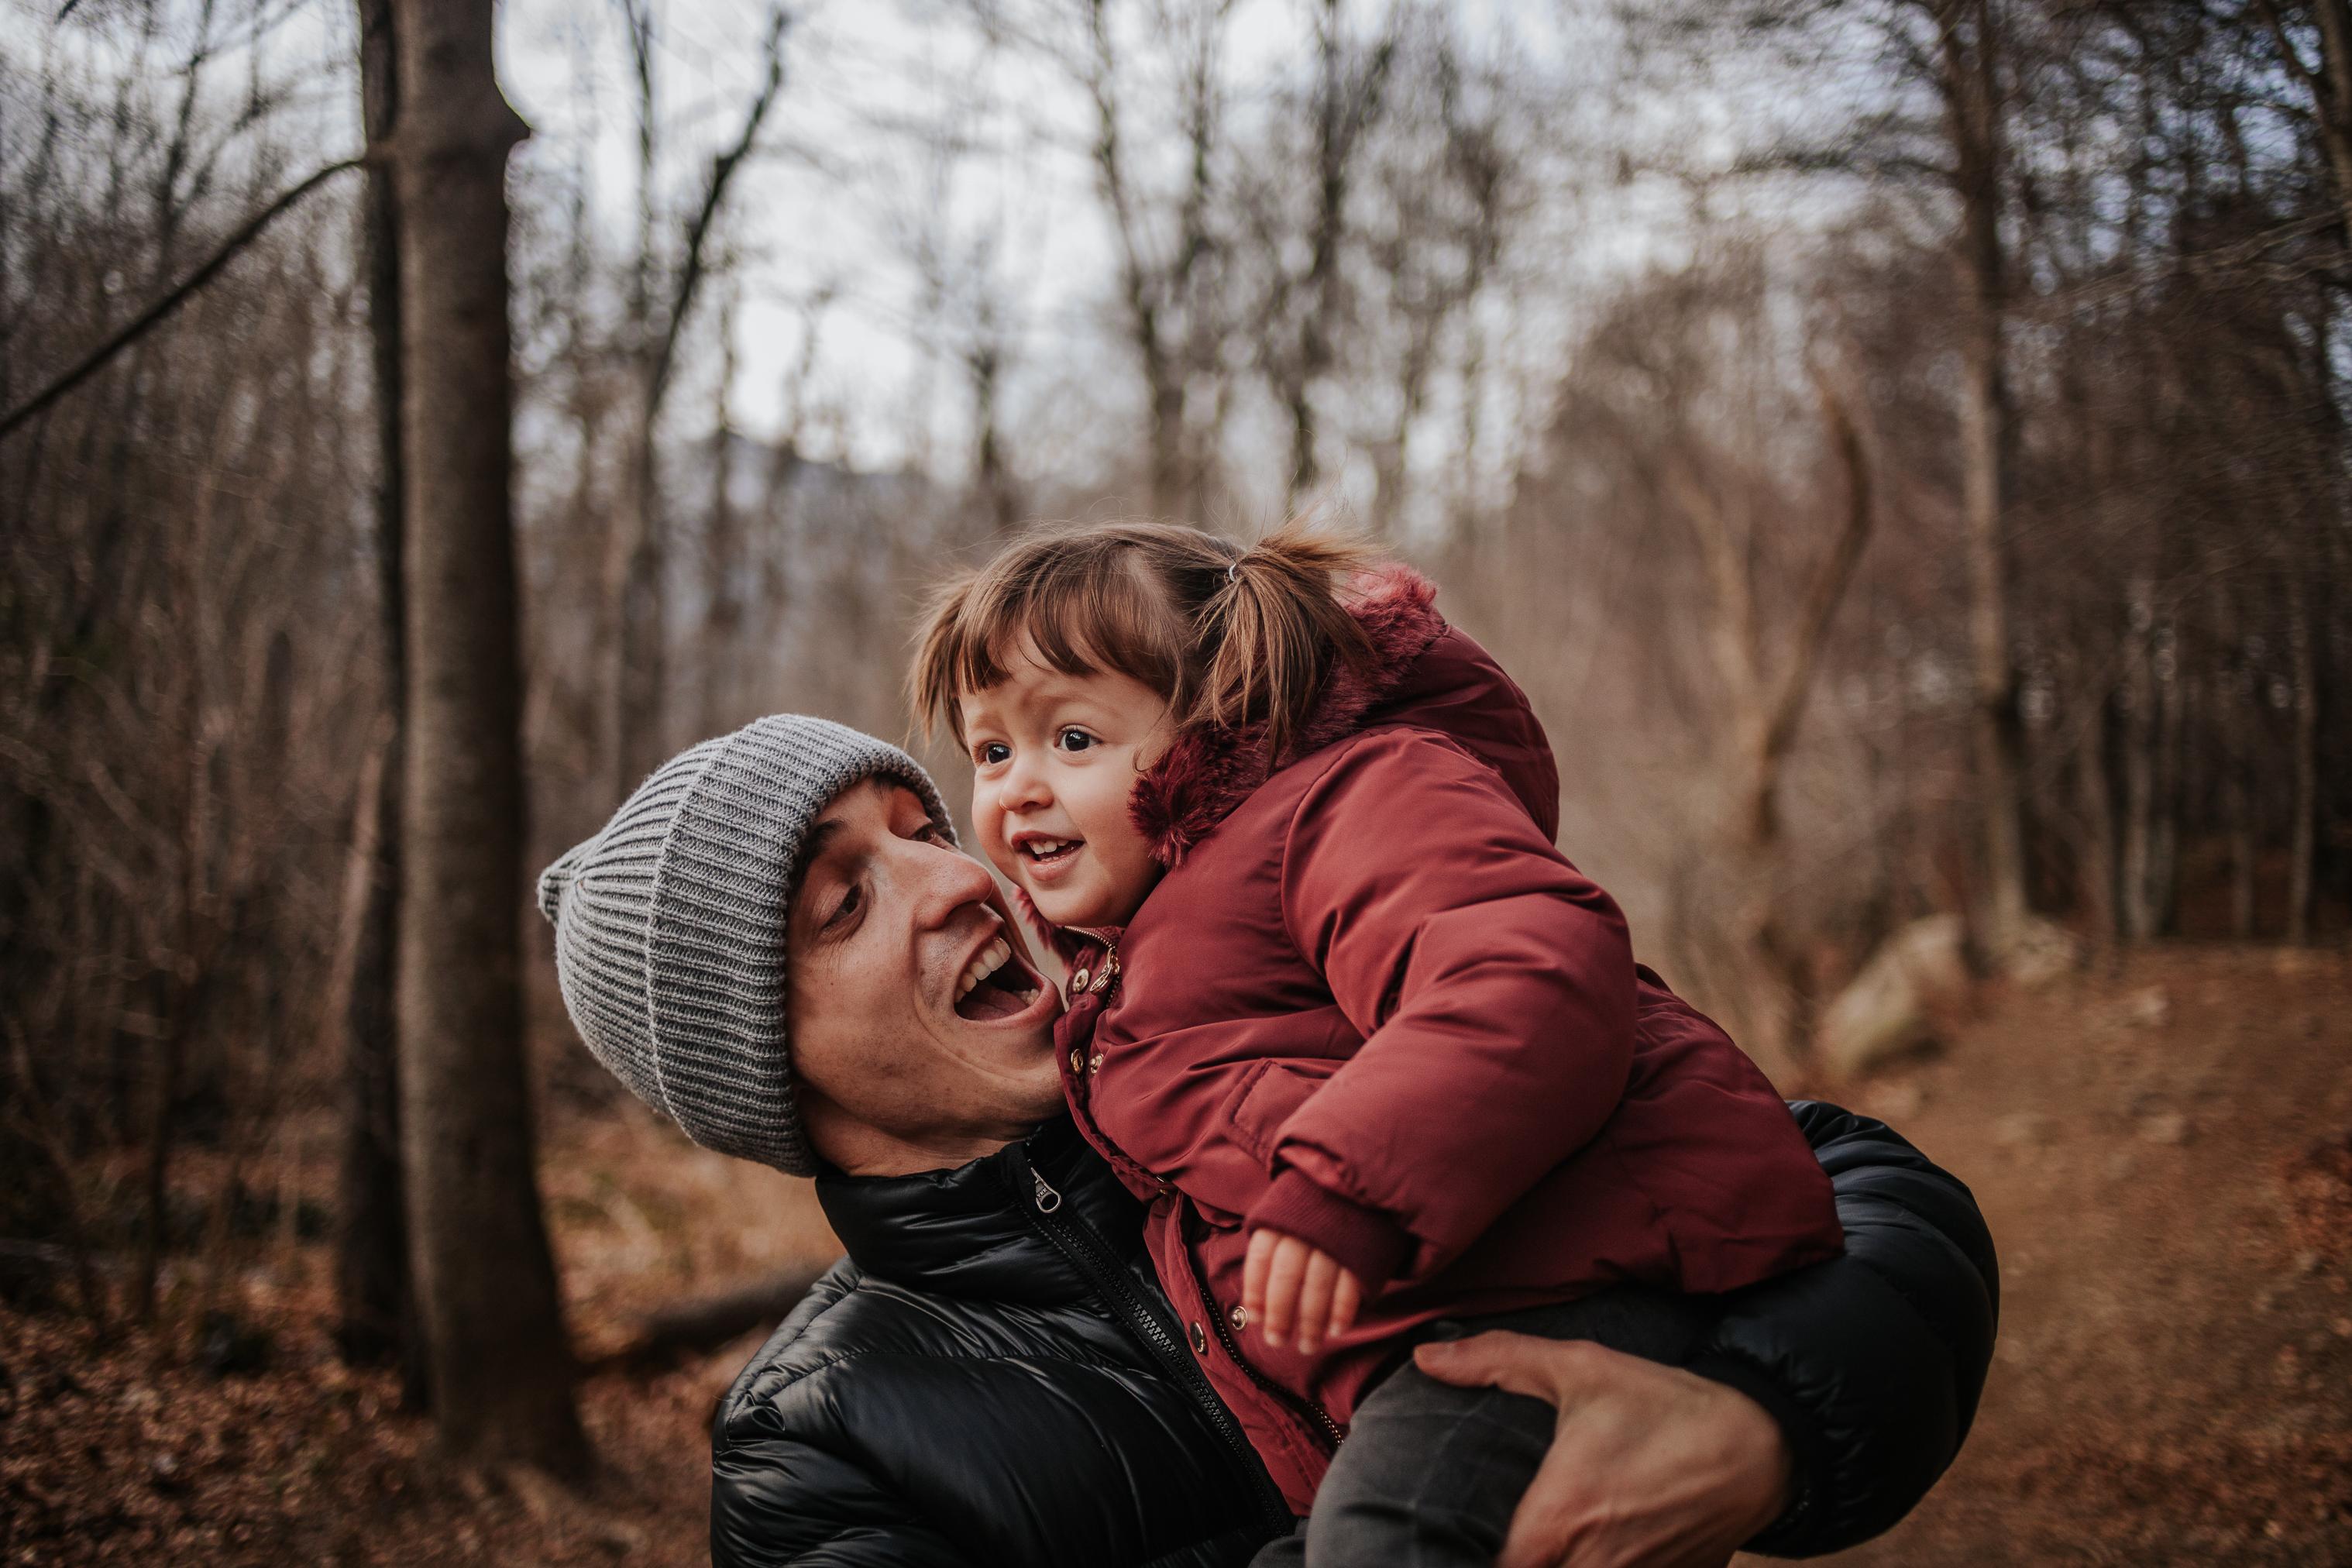 fotógrafo de embarazo Barcelona :: embarazada en la montaña :: embarazo en el bosque :: embarazada en Santa Fe del Montseny :: fotógrafo de familia :: fotógrafo sant cugat:: fotógrafo barcelona